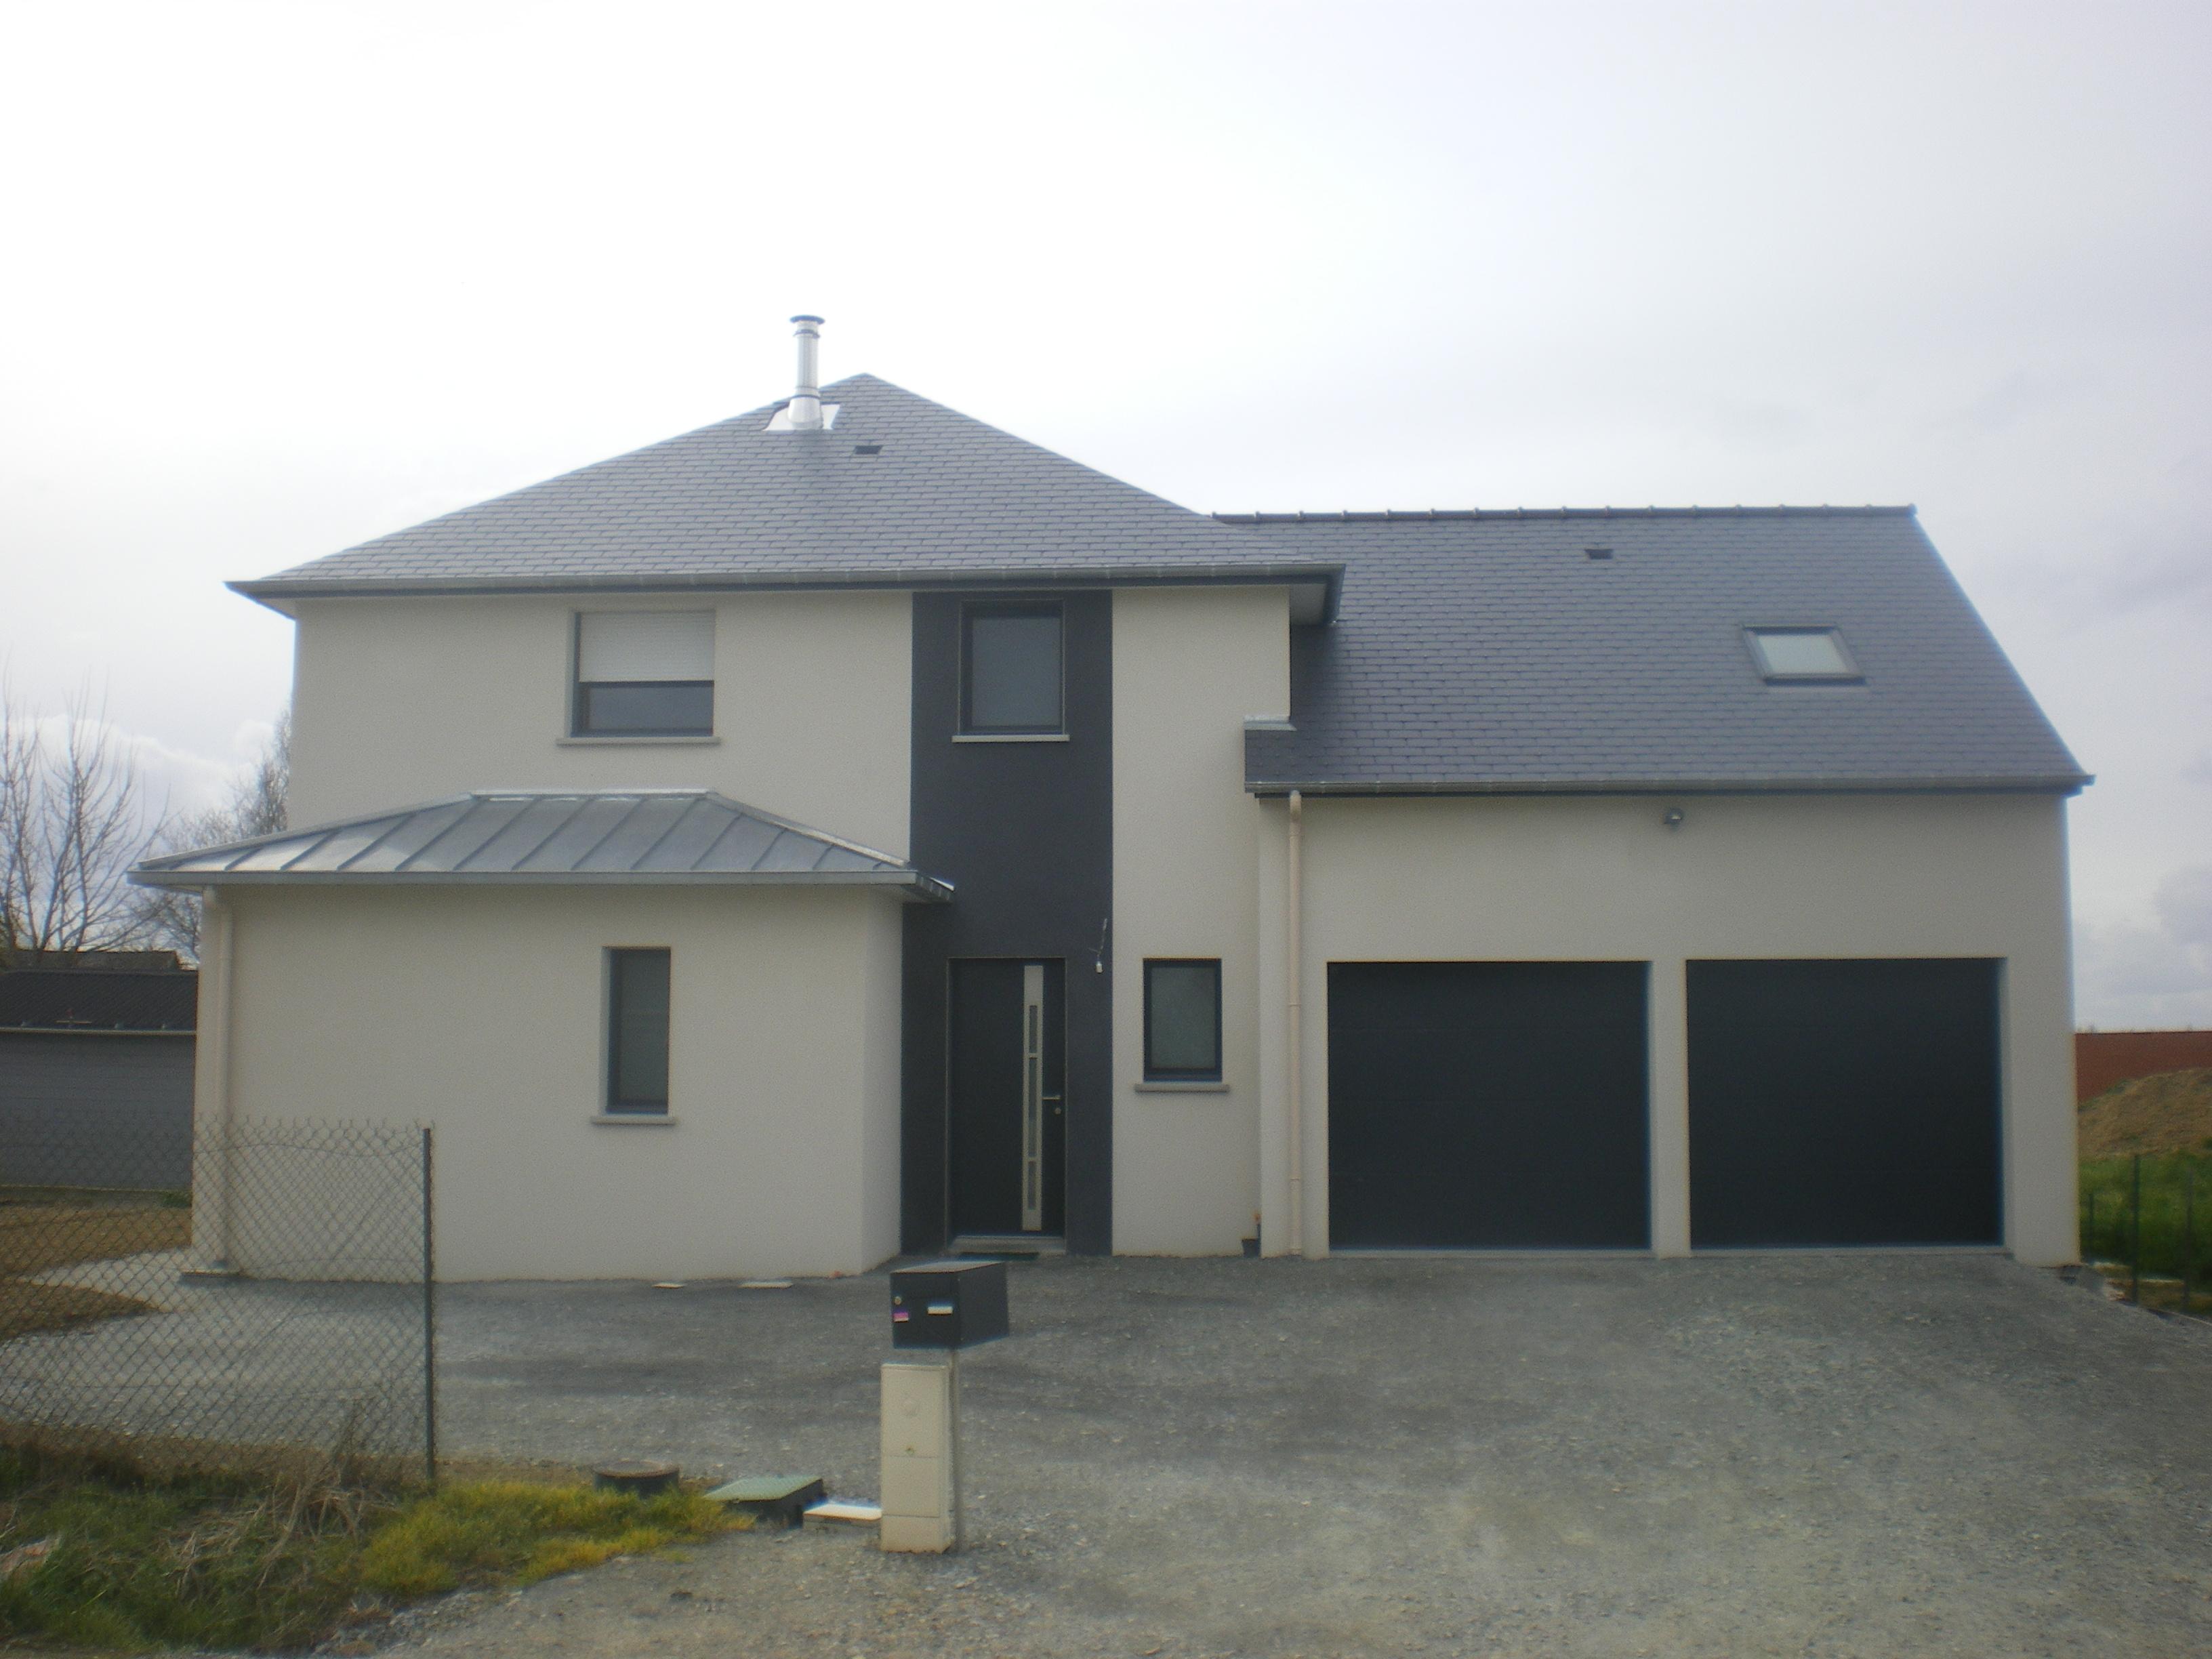 maisons à étage - lg - constuction